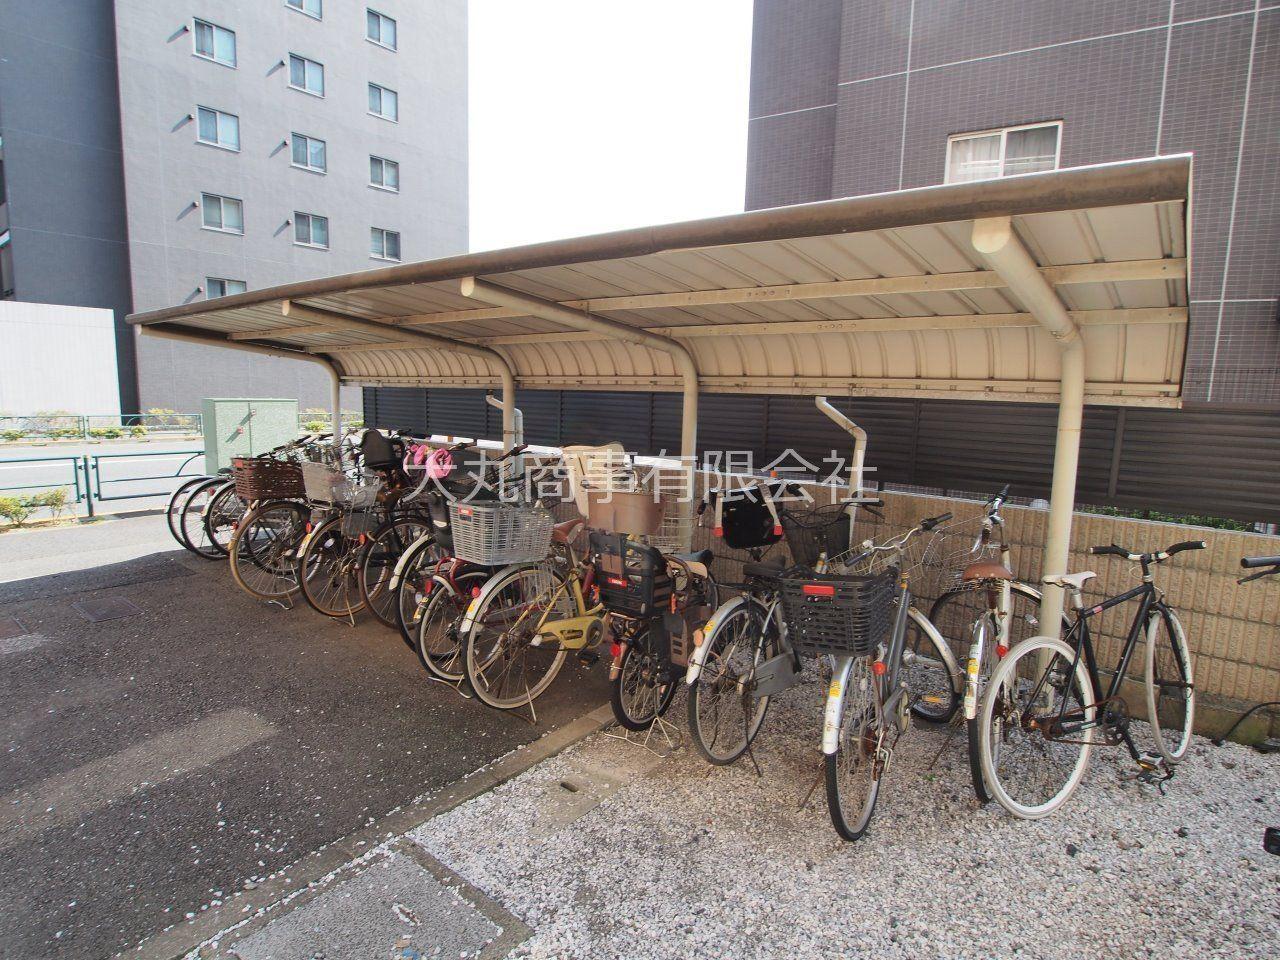 屋根付きで雨でも濡れづらい自転車置場